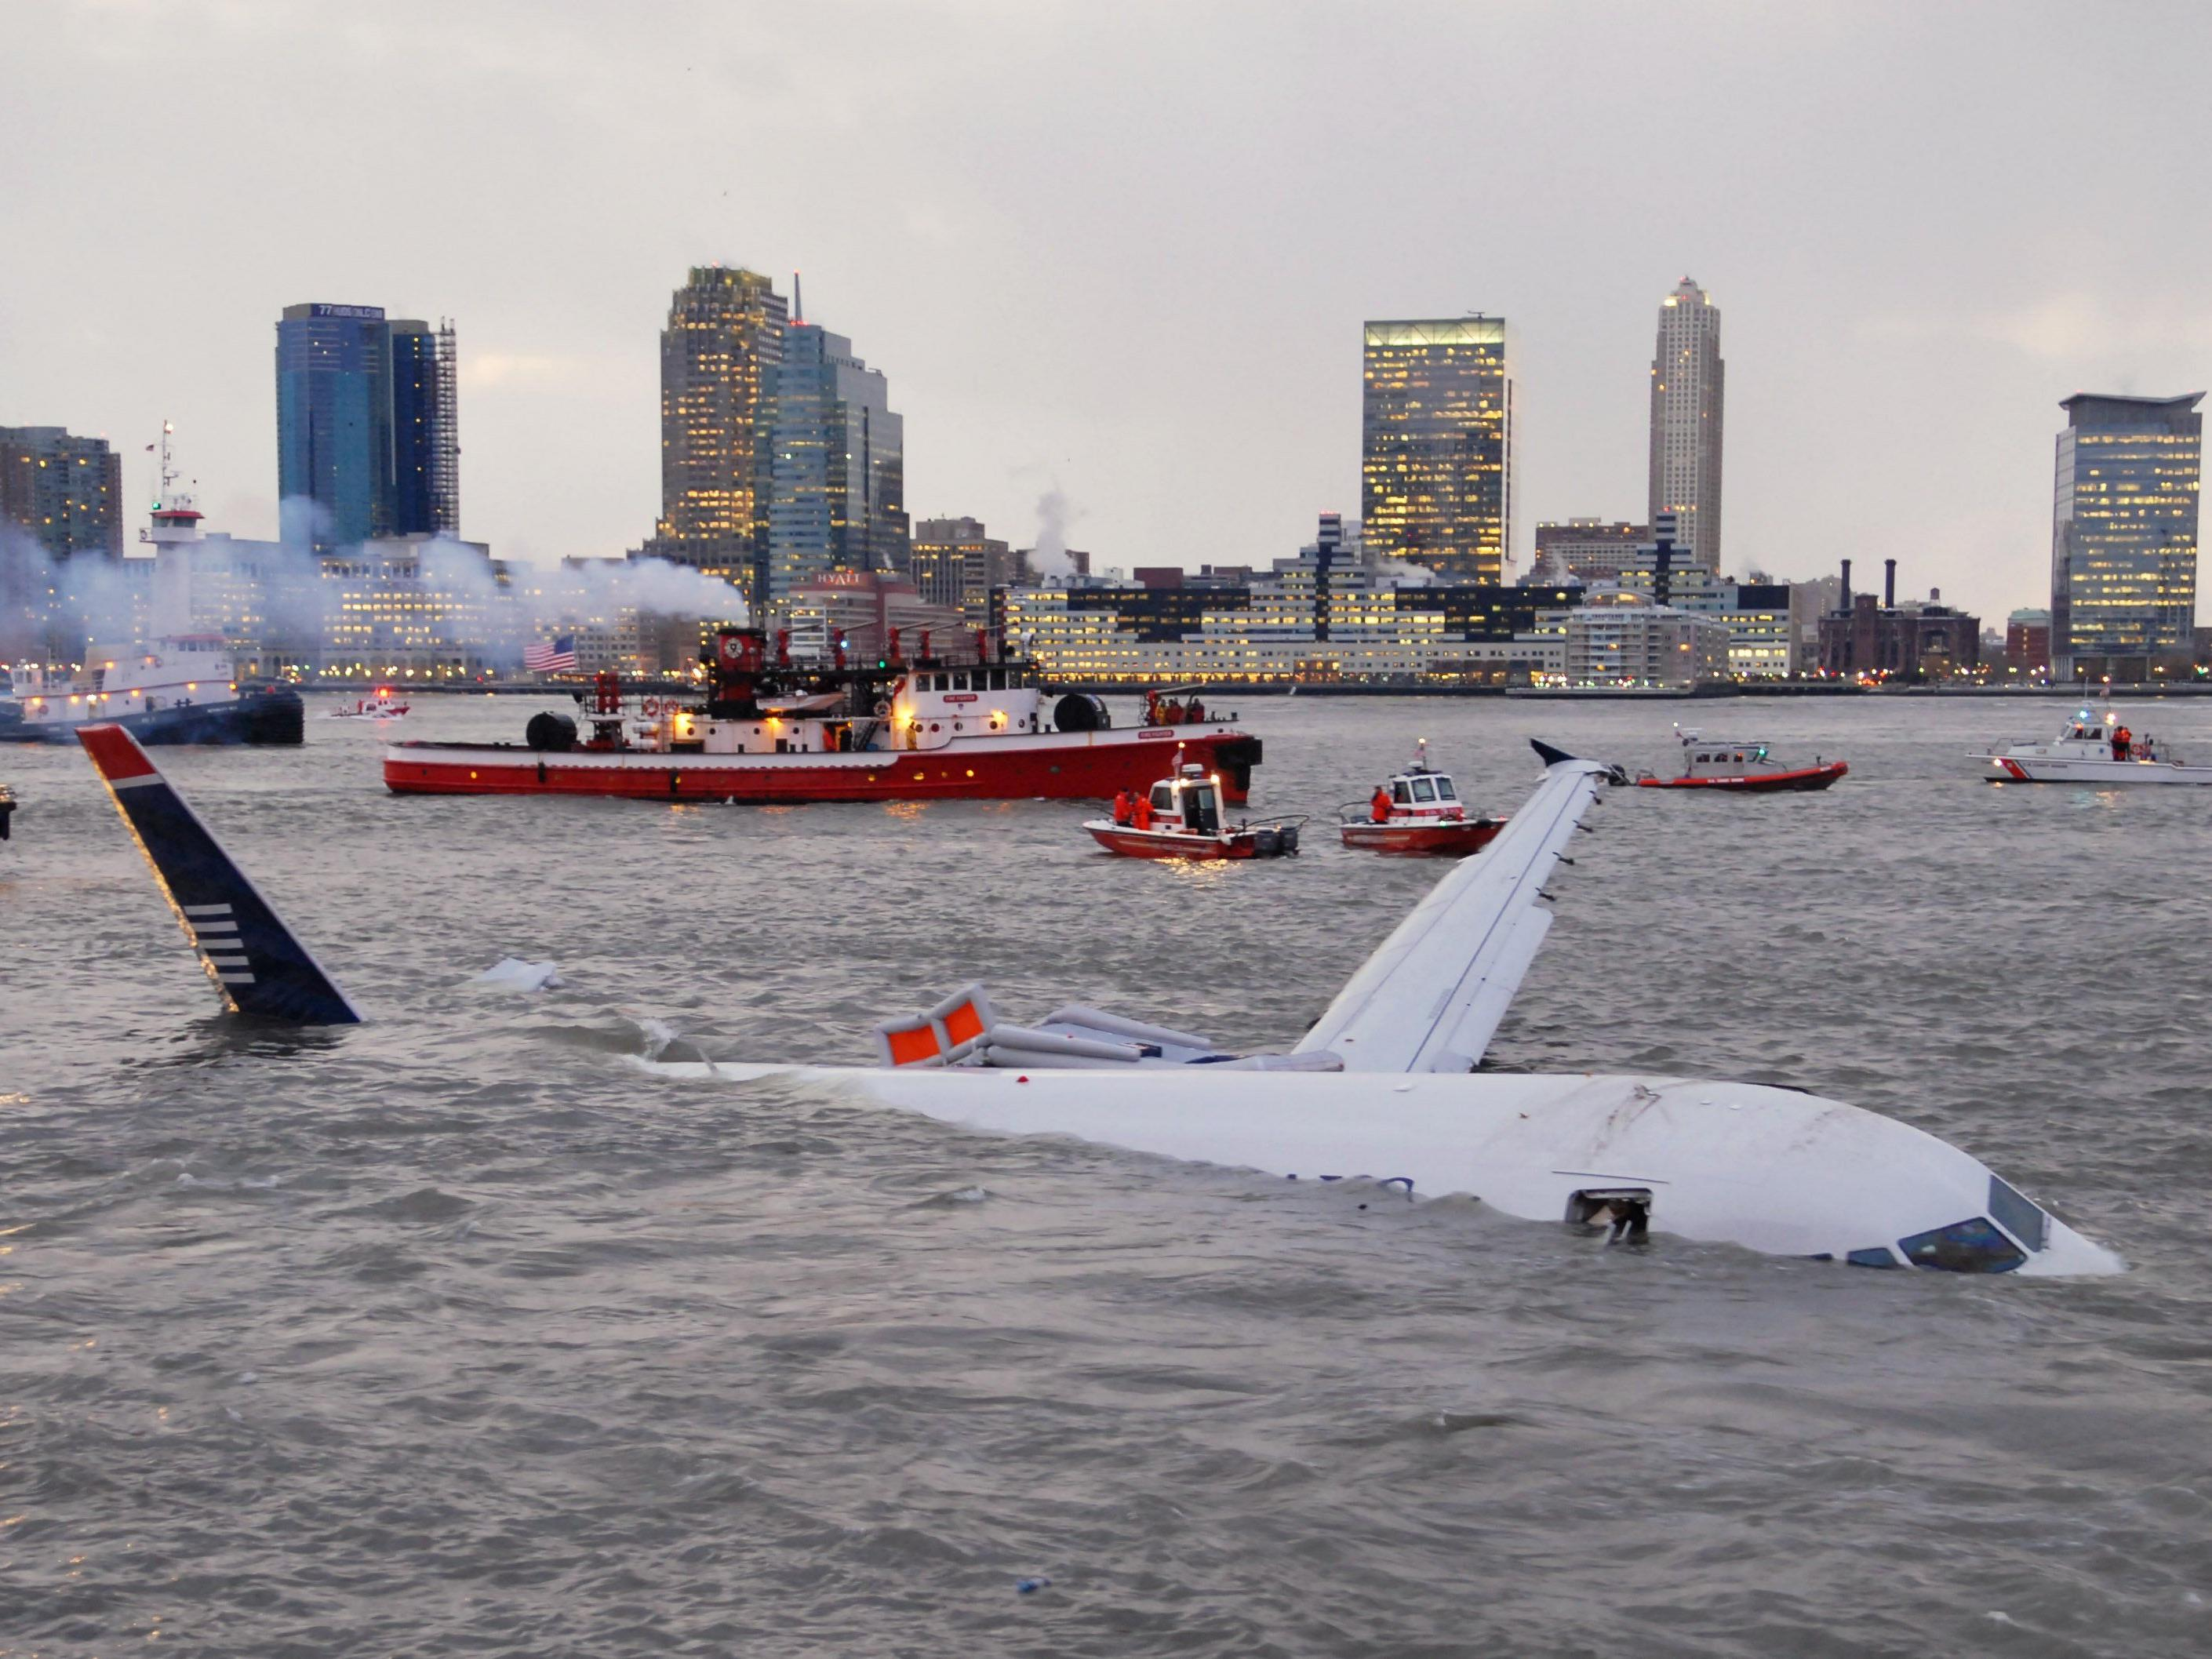 2009 musste Pilot in New York notlanden.